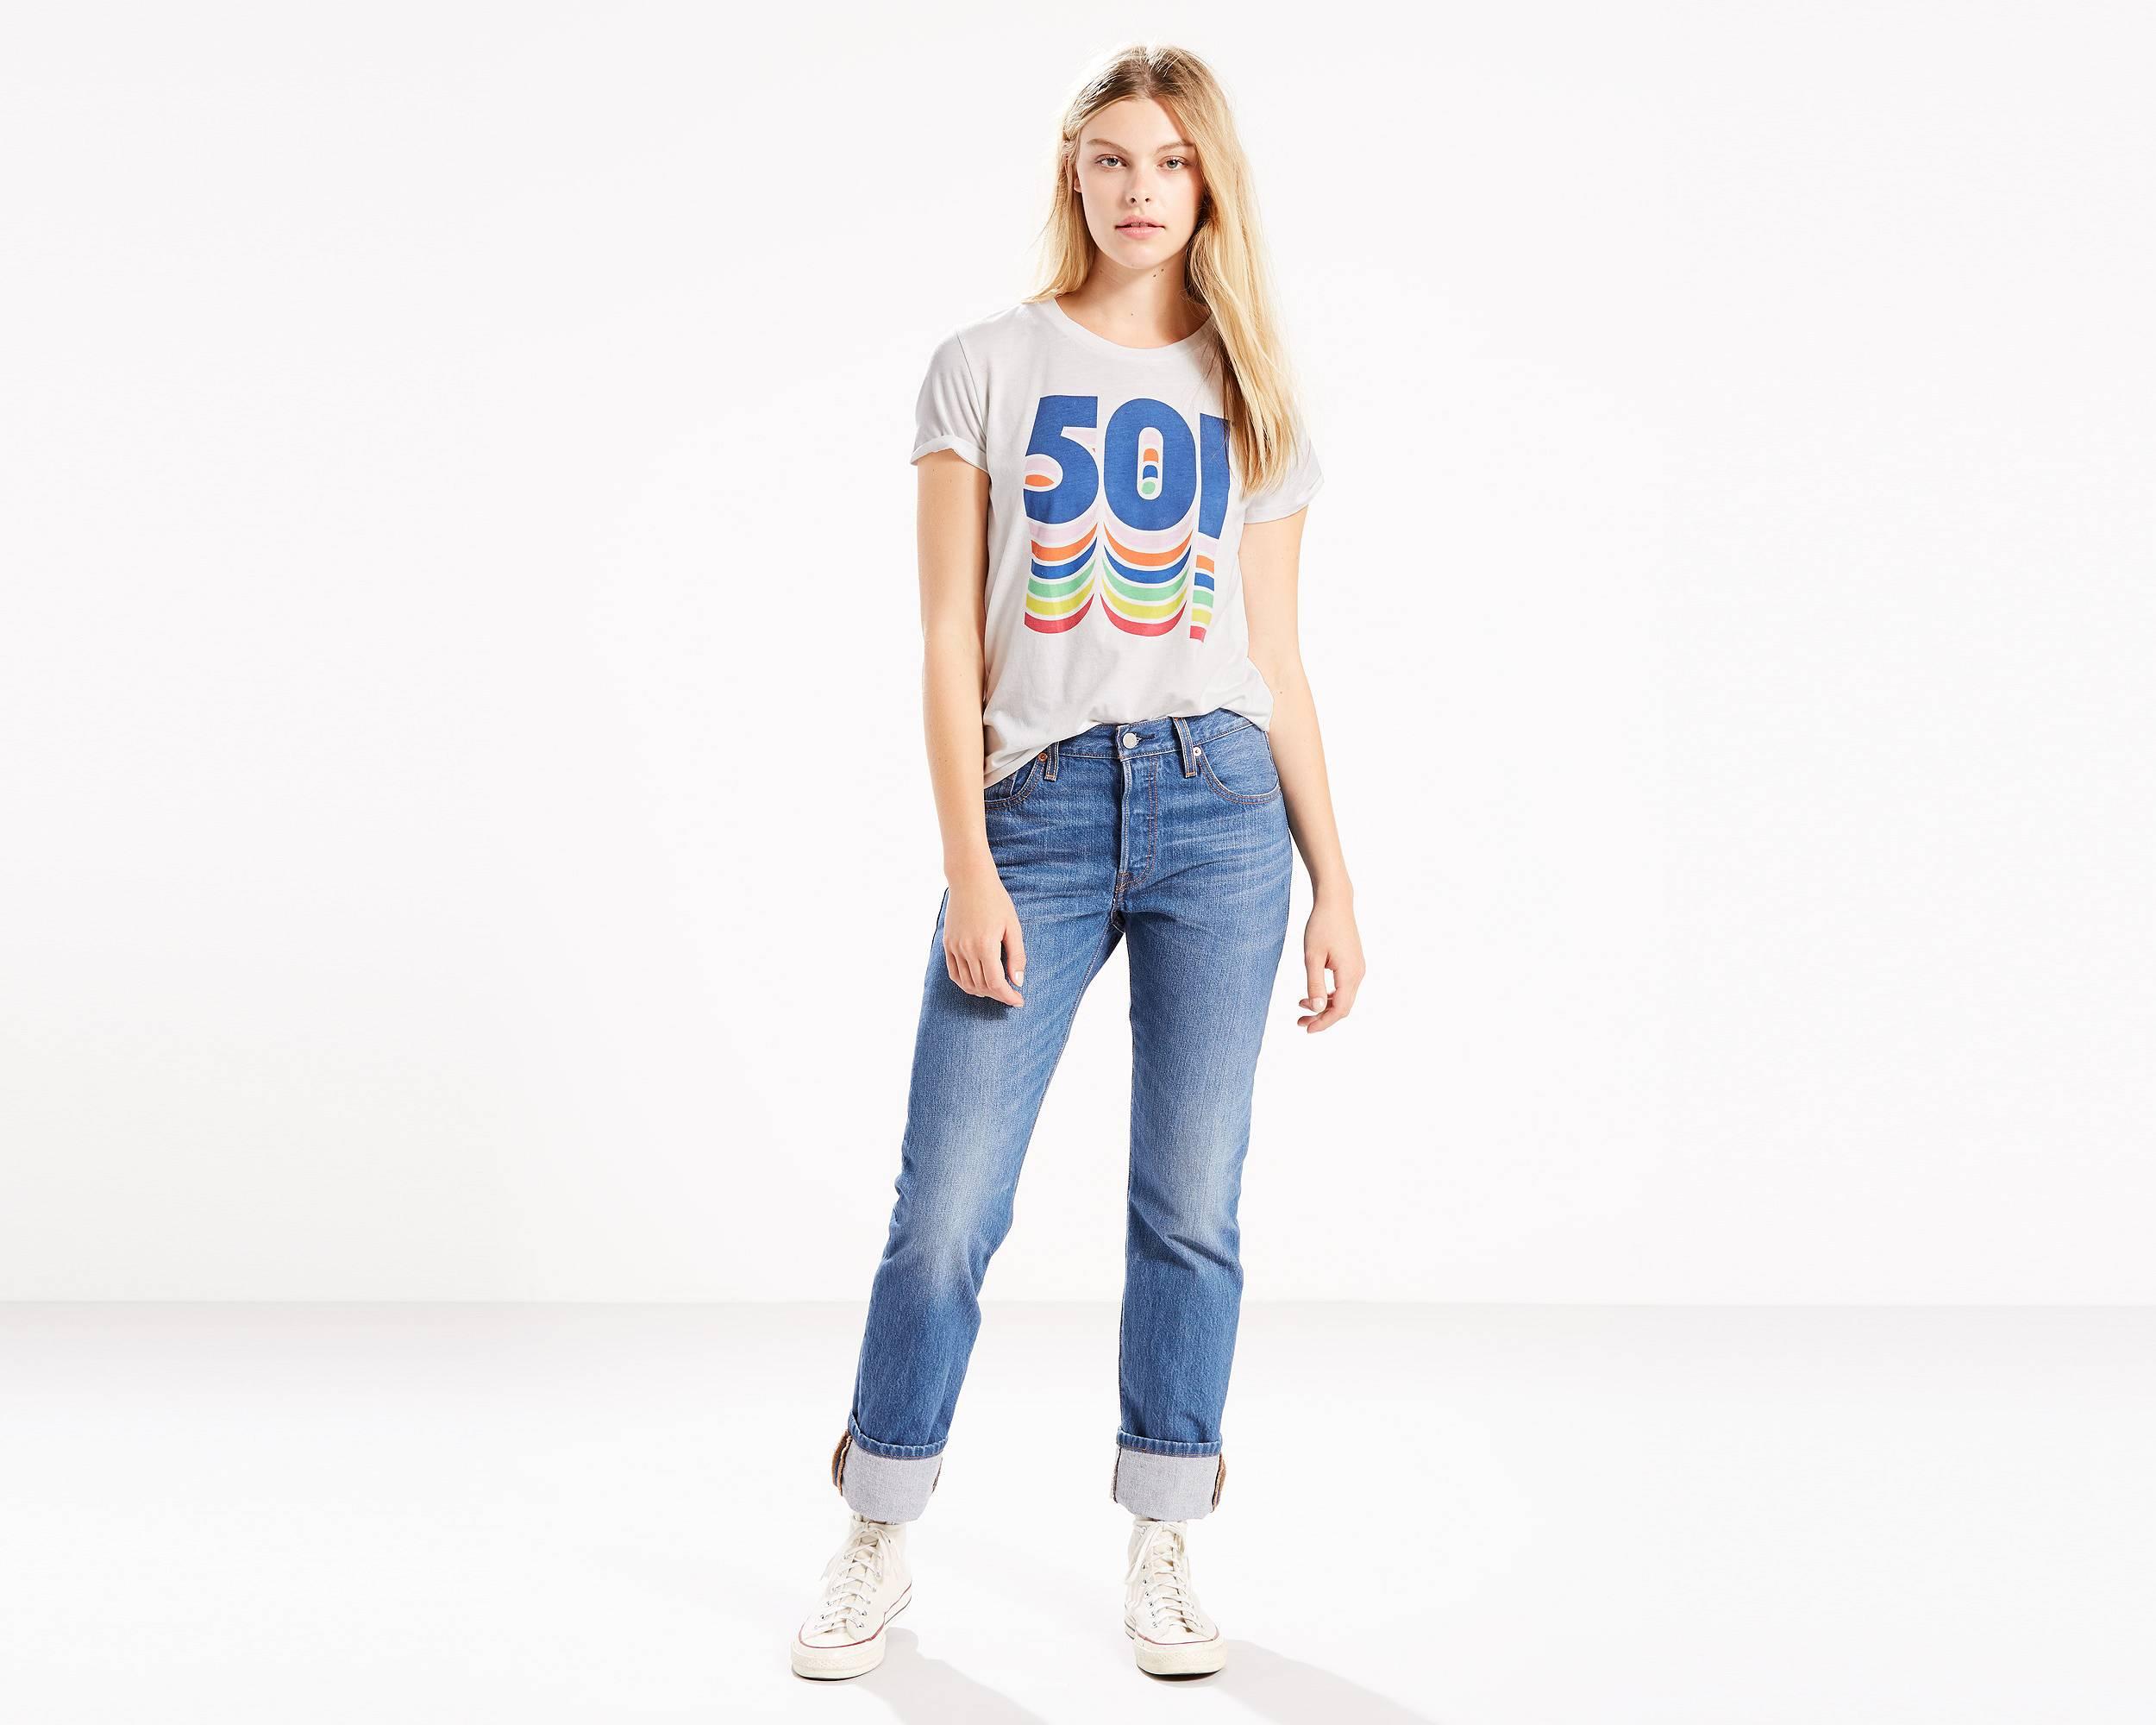 Skinny boyfriend jeans shoes